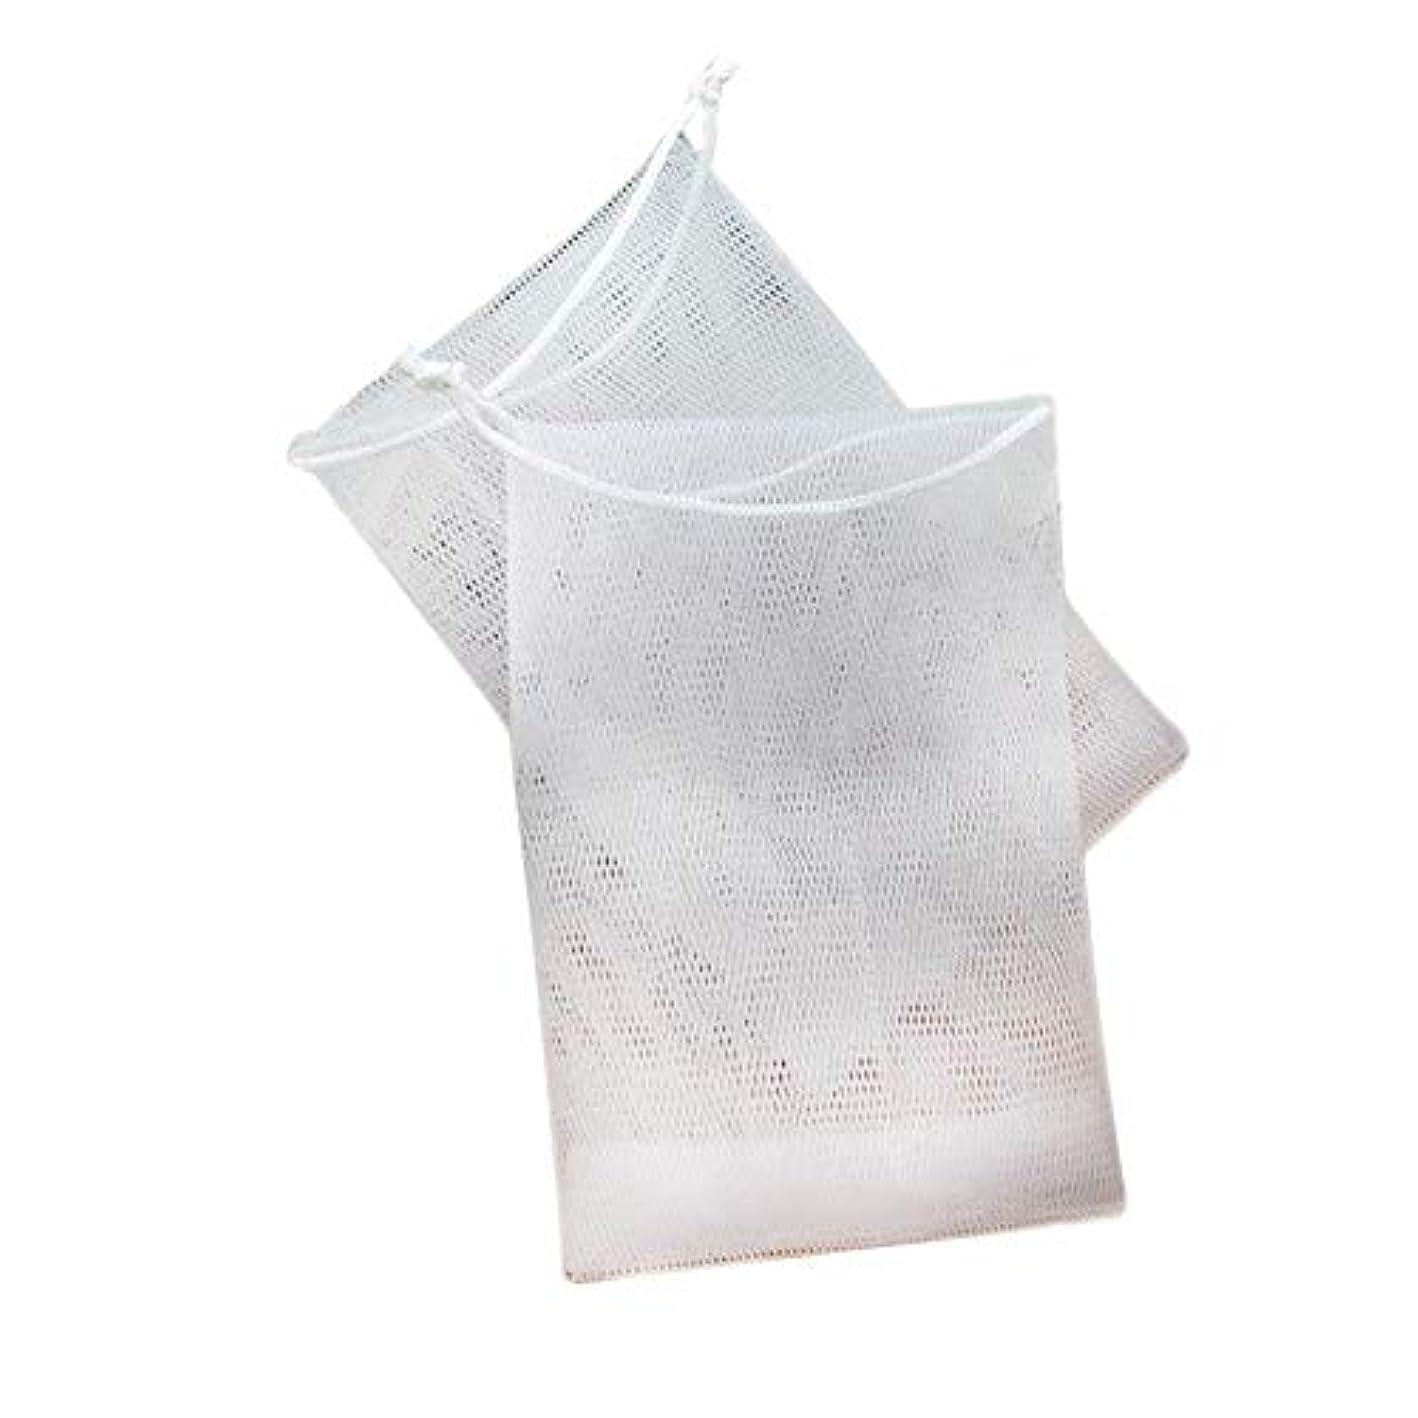 マークピラミッドアクセス石鹸の袋の網のドローストリング袋は ハンドメイドの石鹸の泡泡ネットメーカーのために掛けることができます 12×9cm